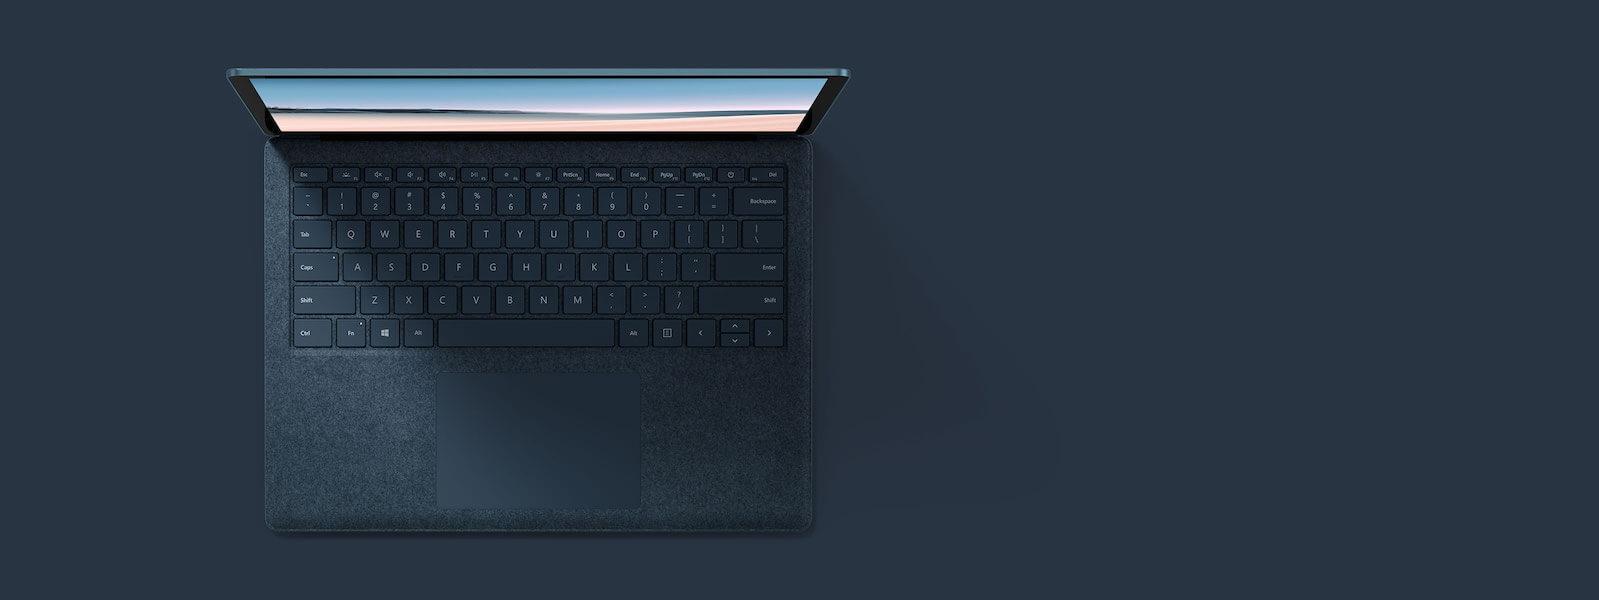 灰钴蓝 13.5 英寸 Surface Laptop 3 俯视图